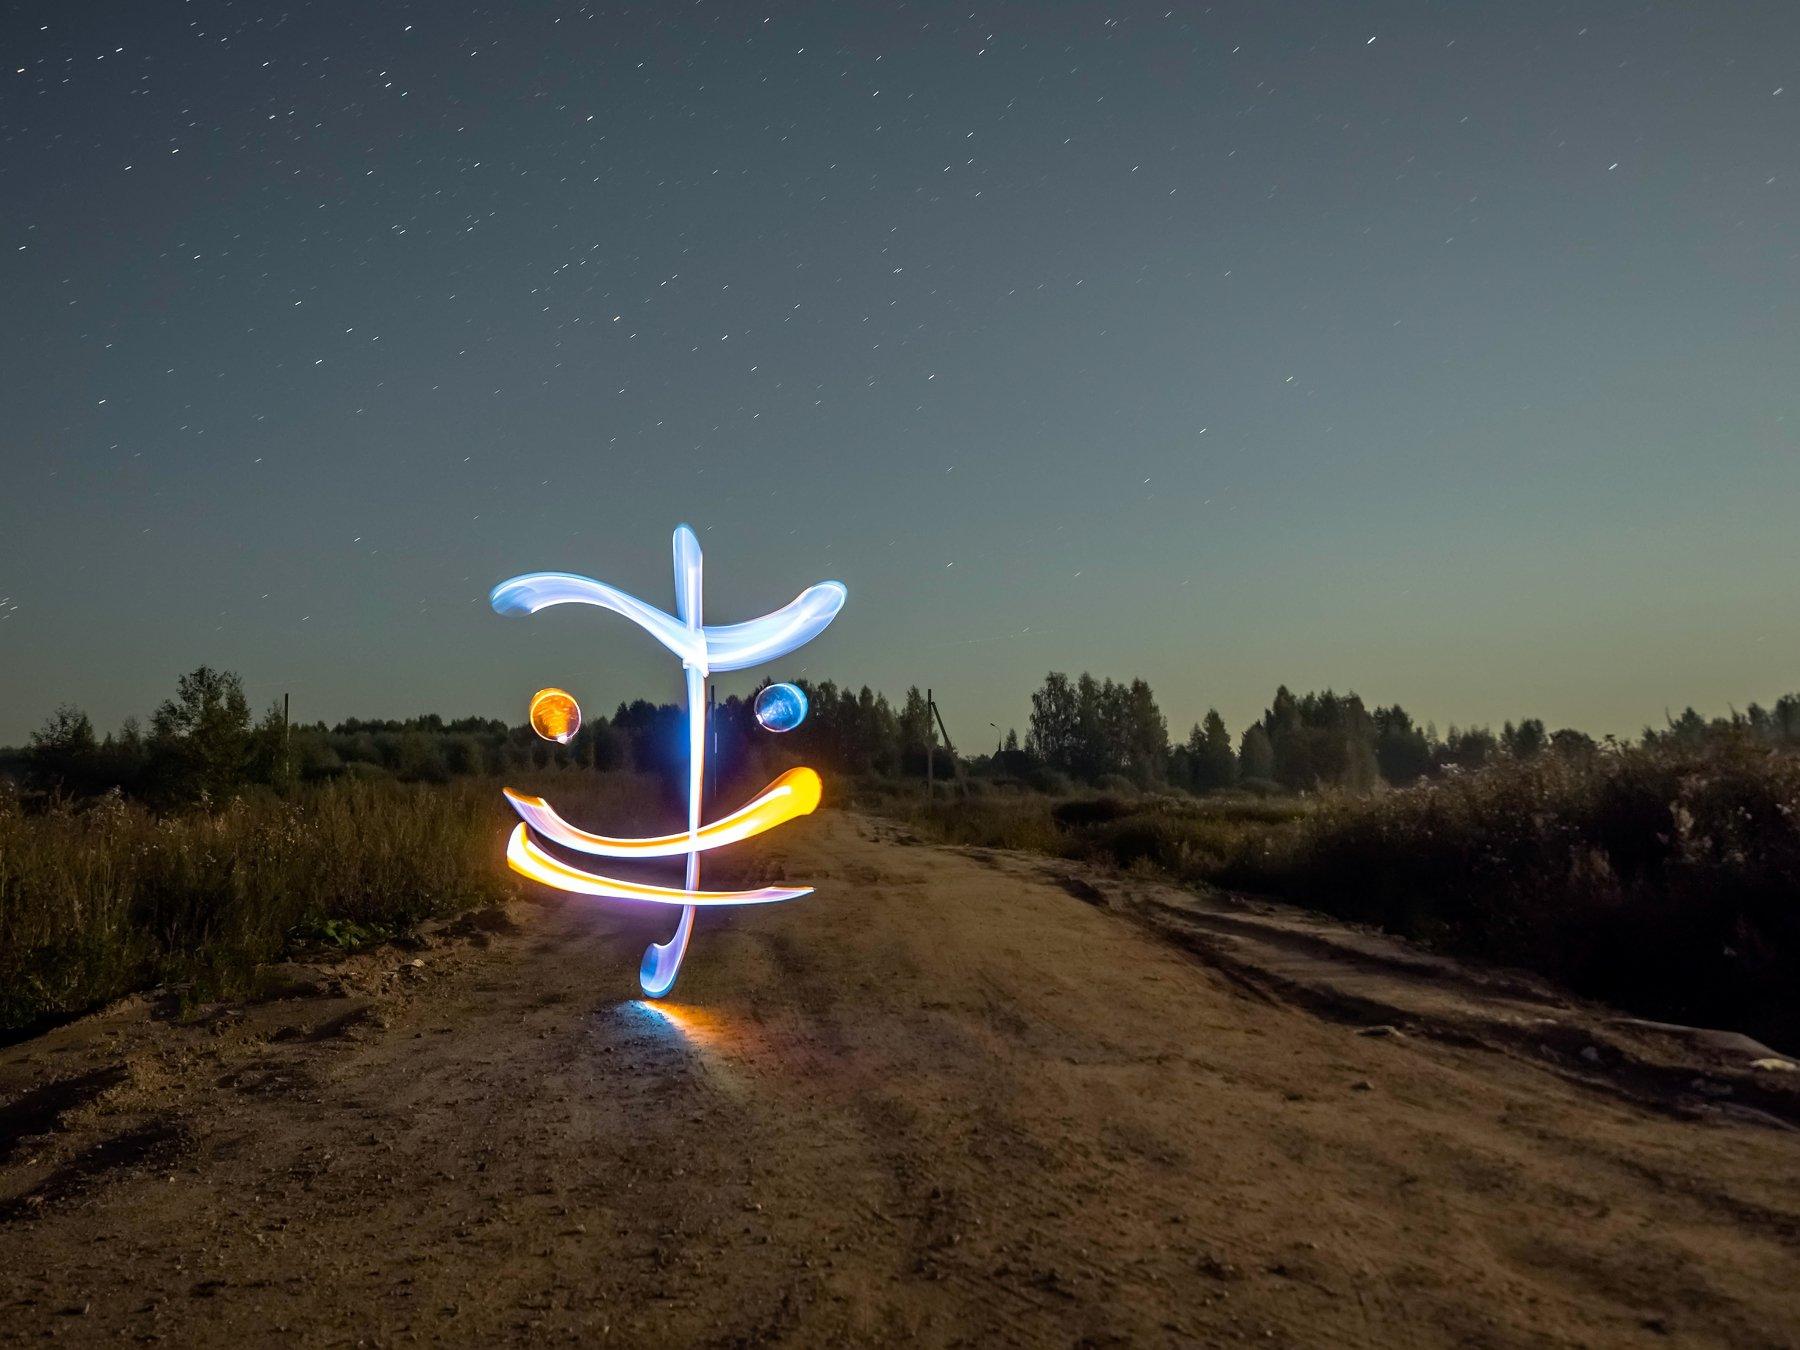 lightpainting, lightart, longexposure, nightphotography, light, night, lightblade, Требухин Николай